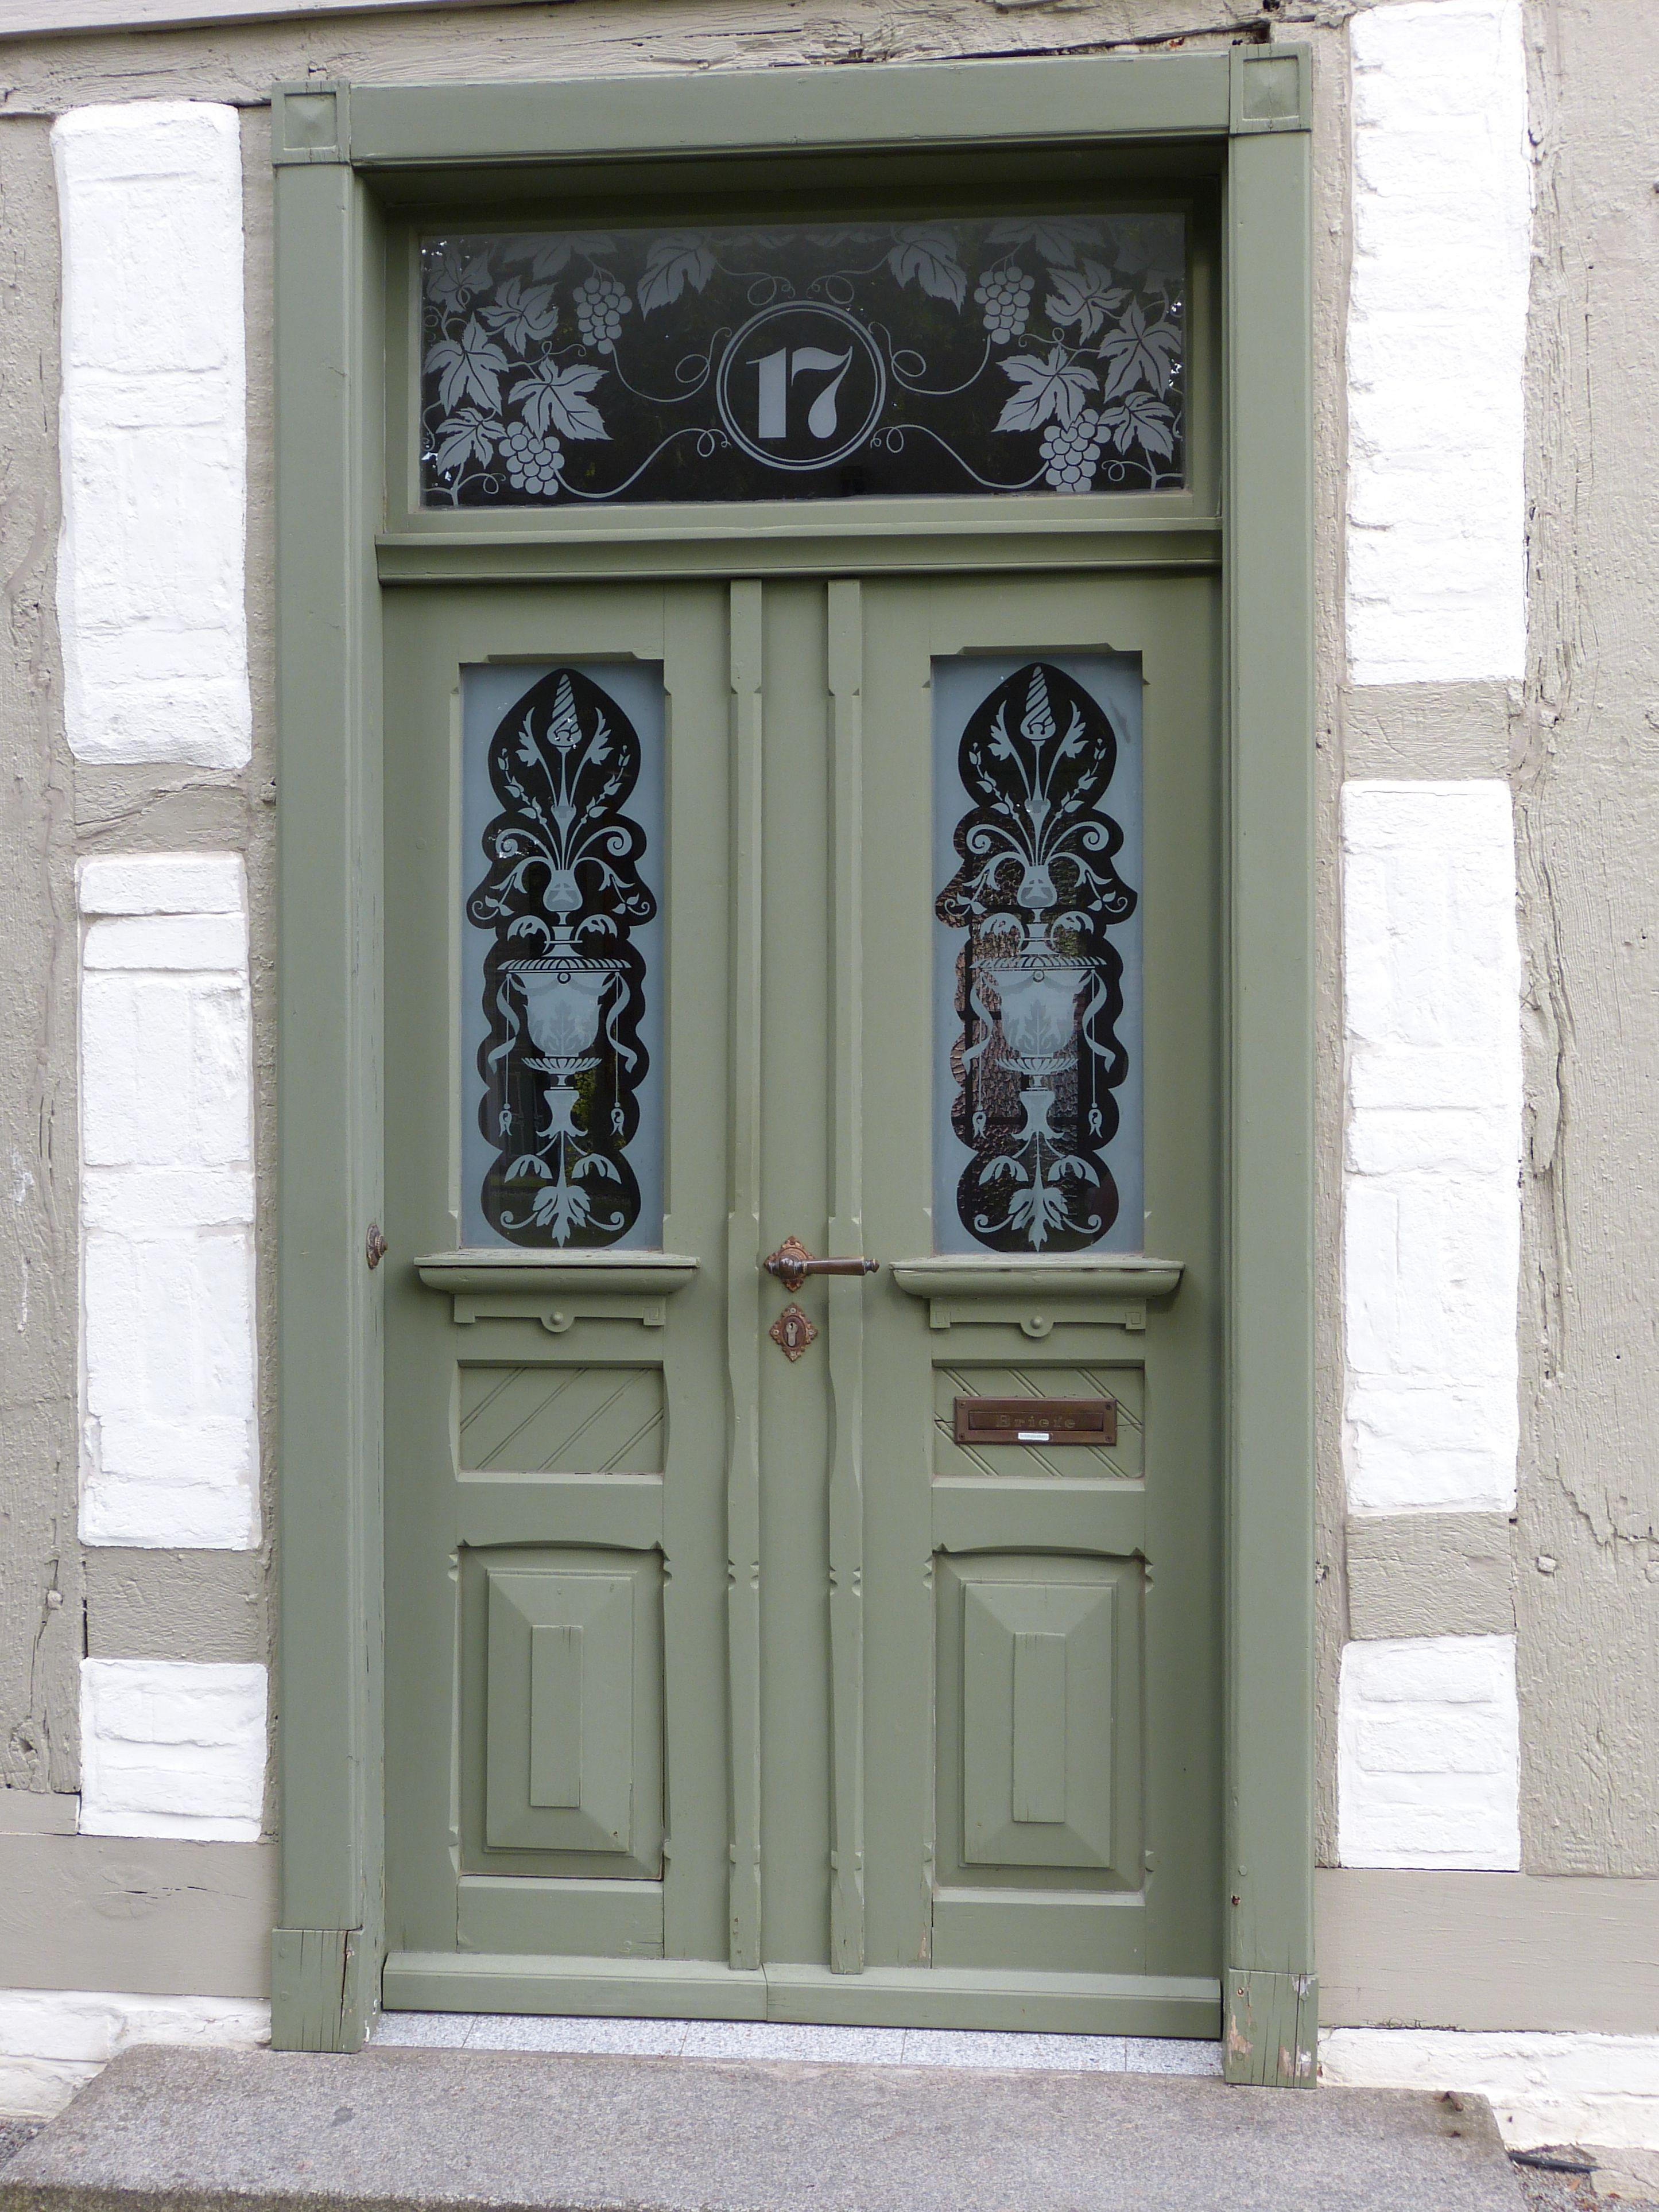 Vieux Portail En Bois images gratuites : bois, fenêtre, verre, vieux, façade